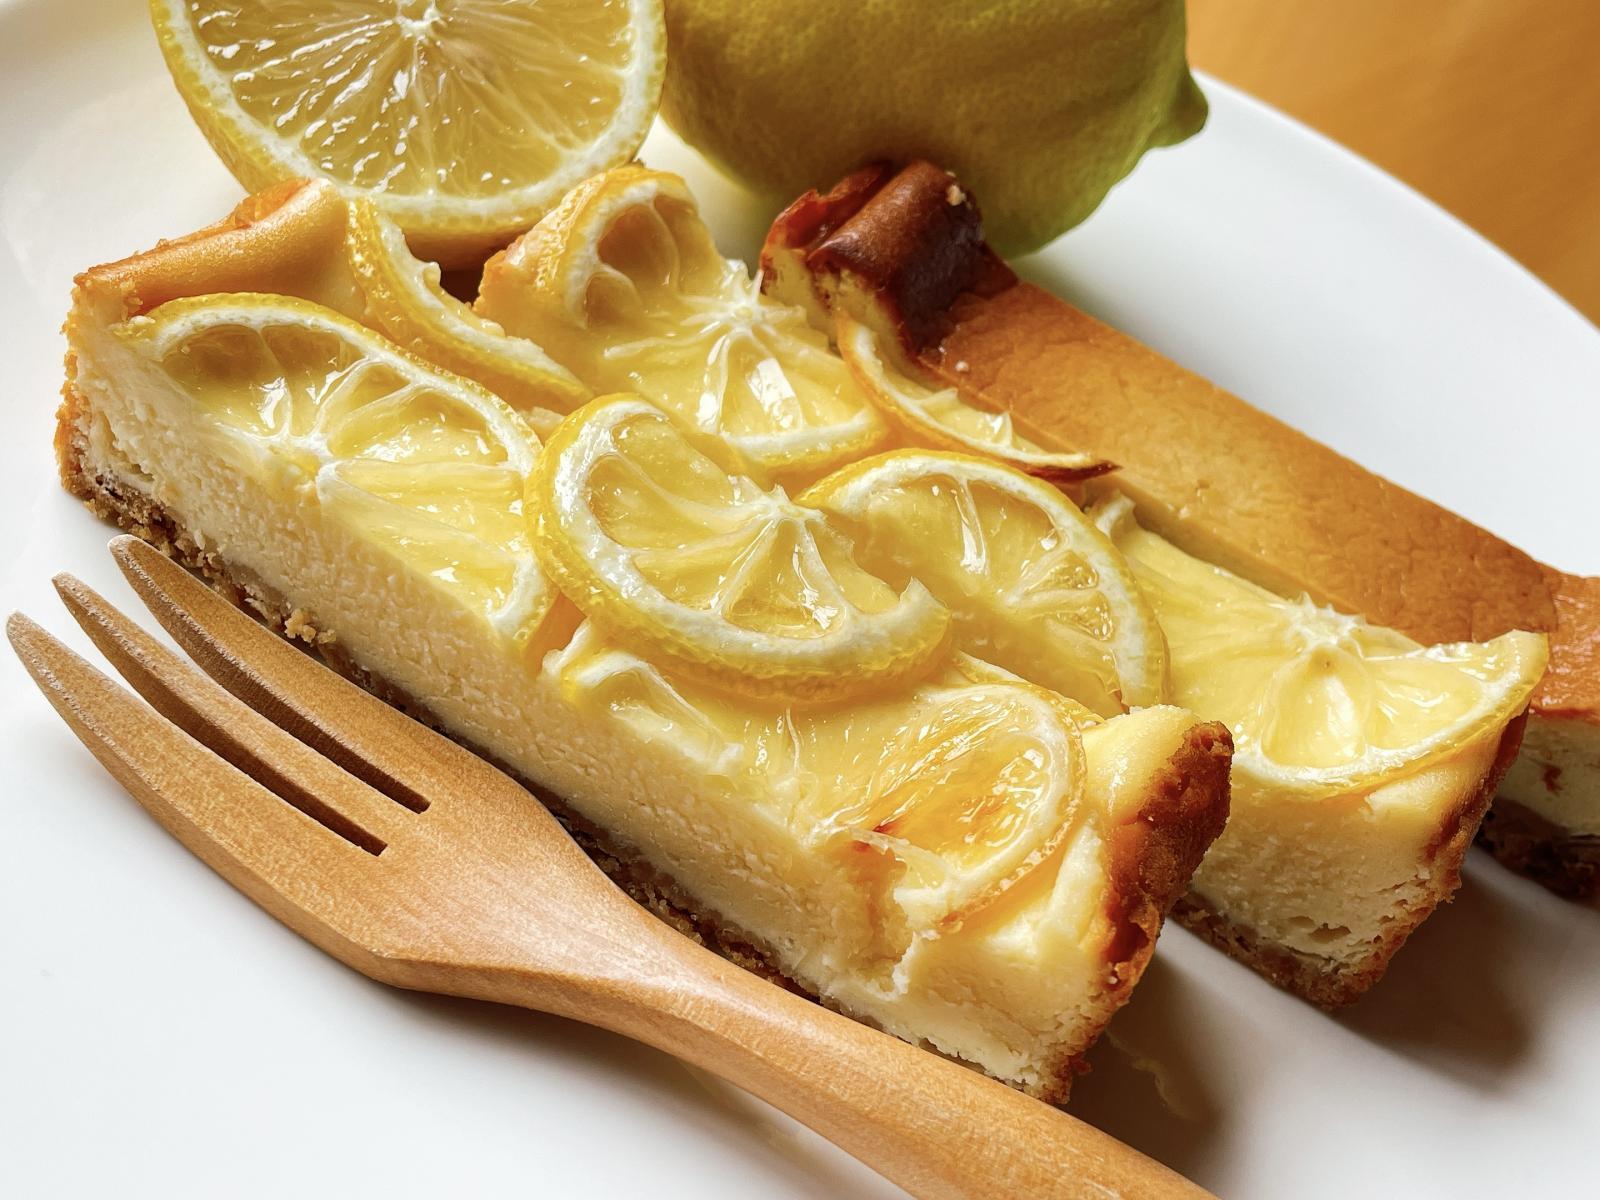 【夏限定!手づくりチーズケーキ3本セット】のイメージ